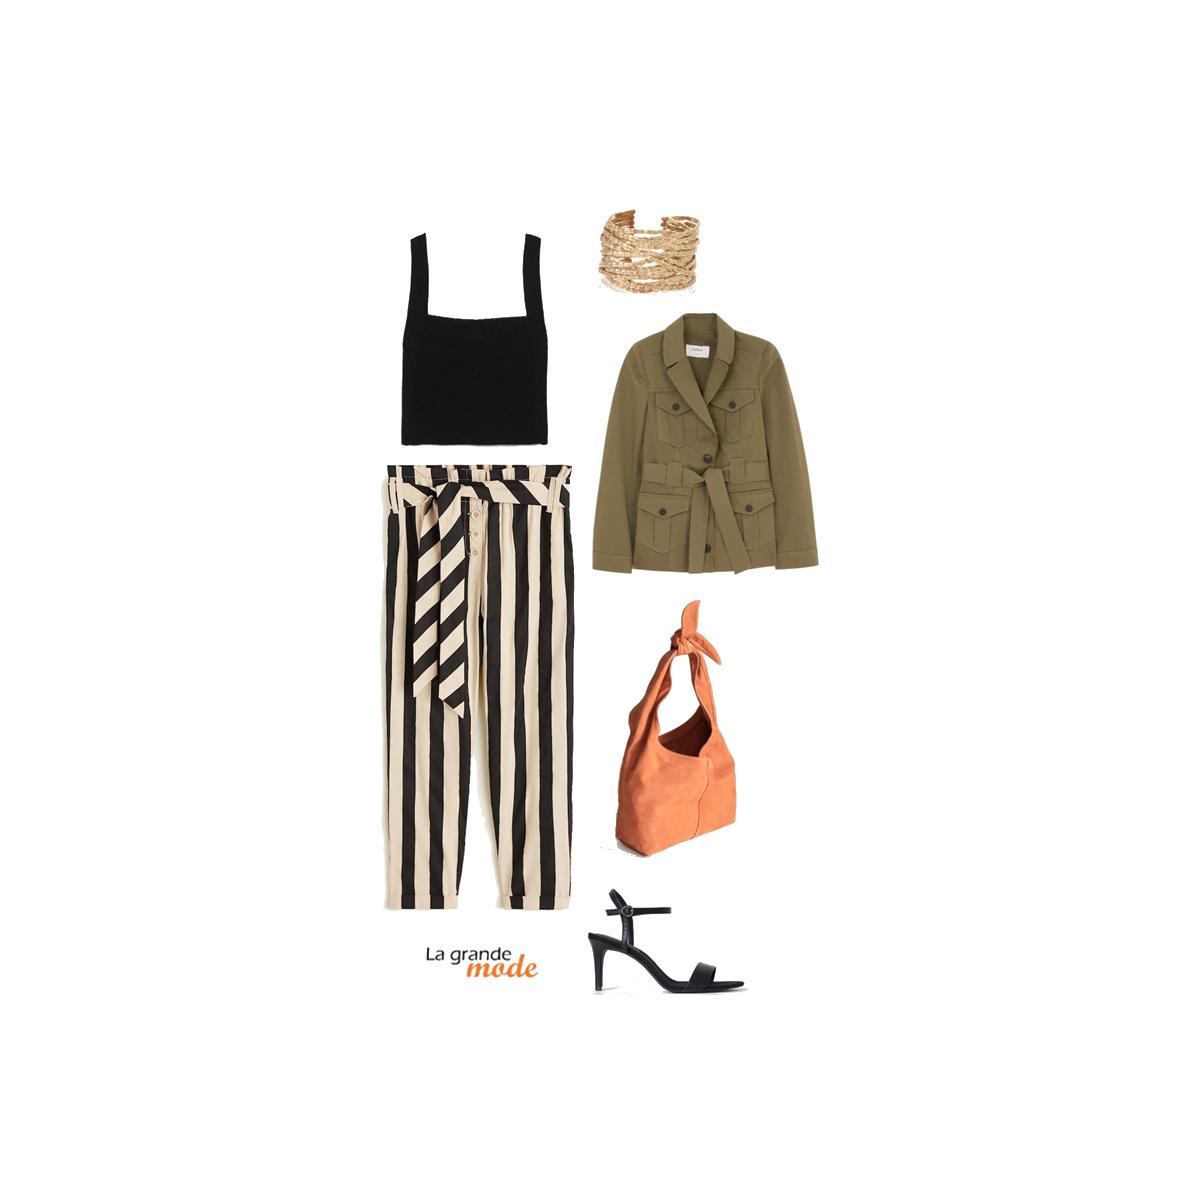 La Grande Mode - Idée look avec un pantalon rayé et une veste saharienne - SS209 - Tendance Mode printemps été 2019